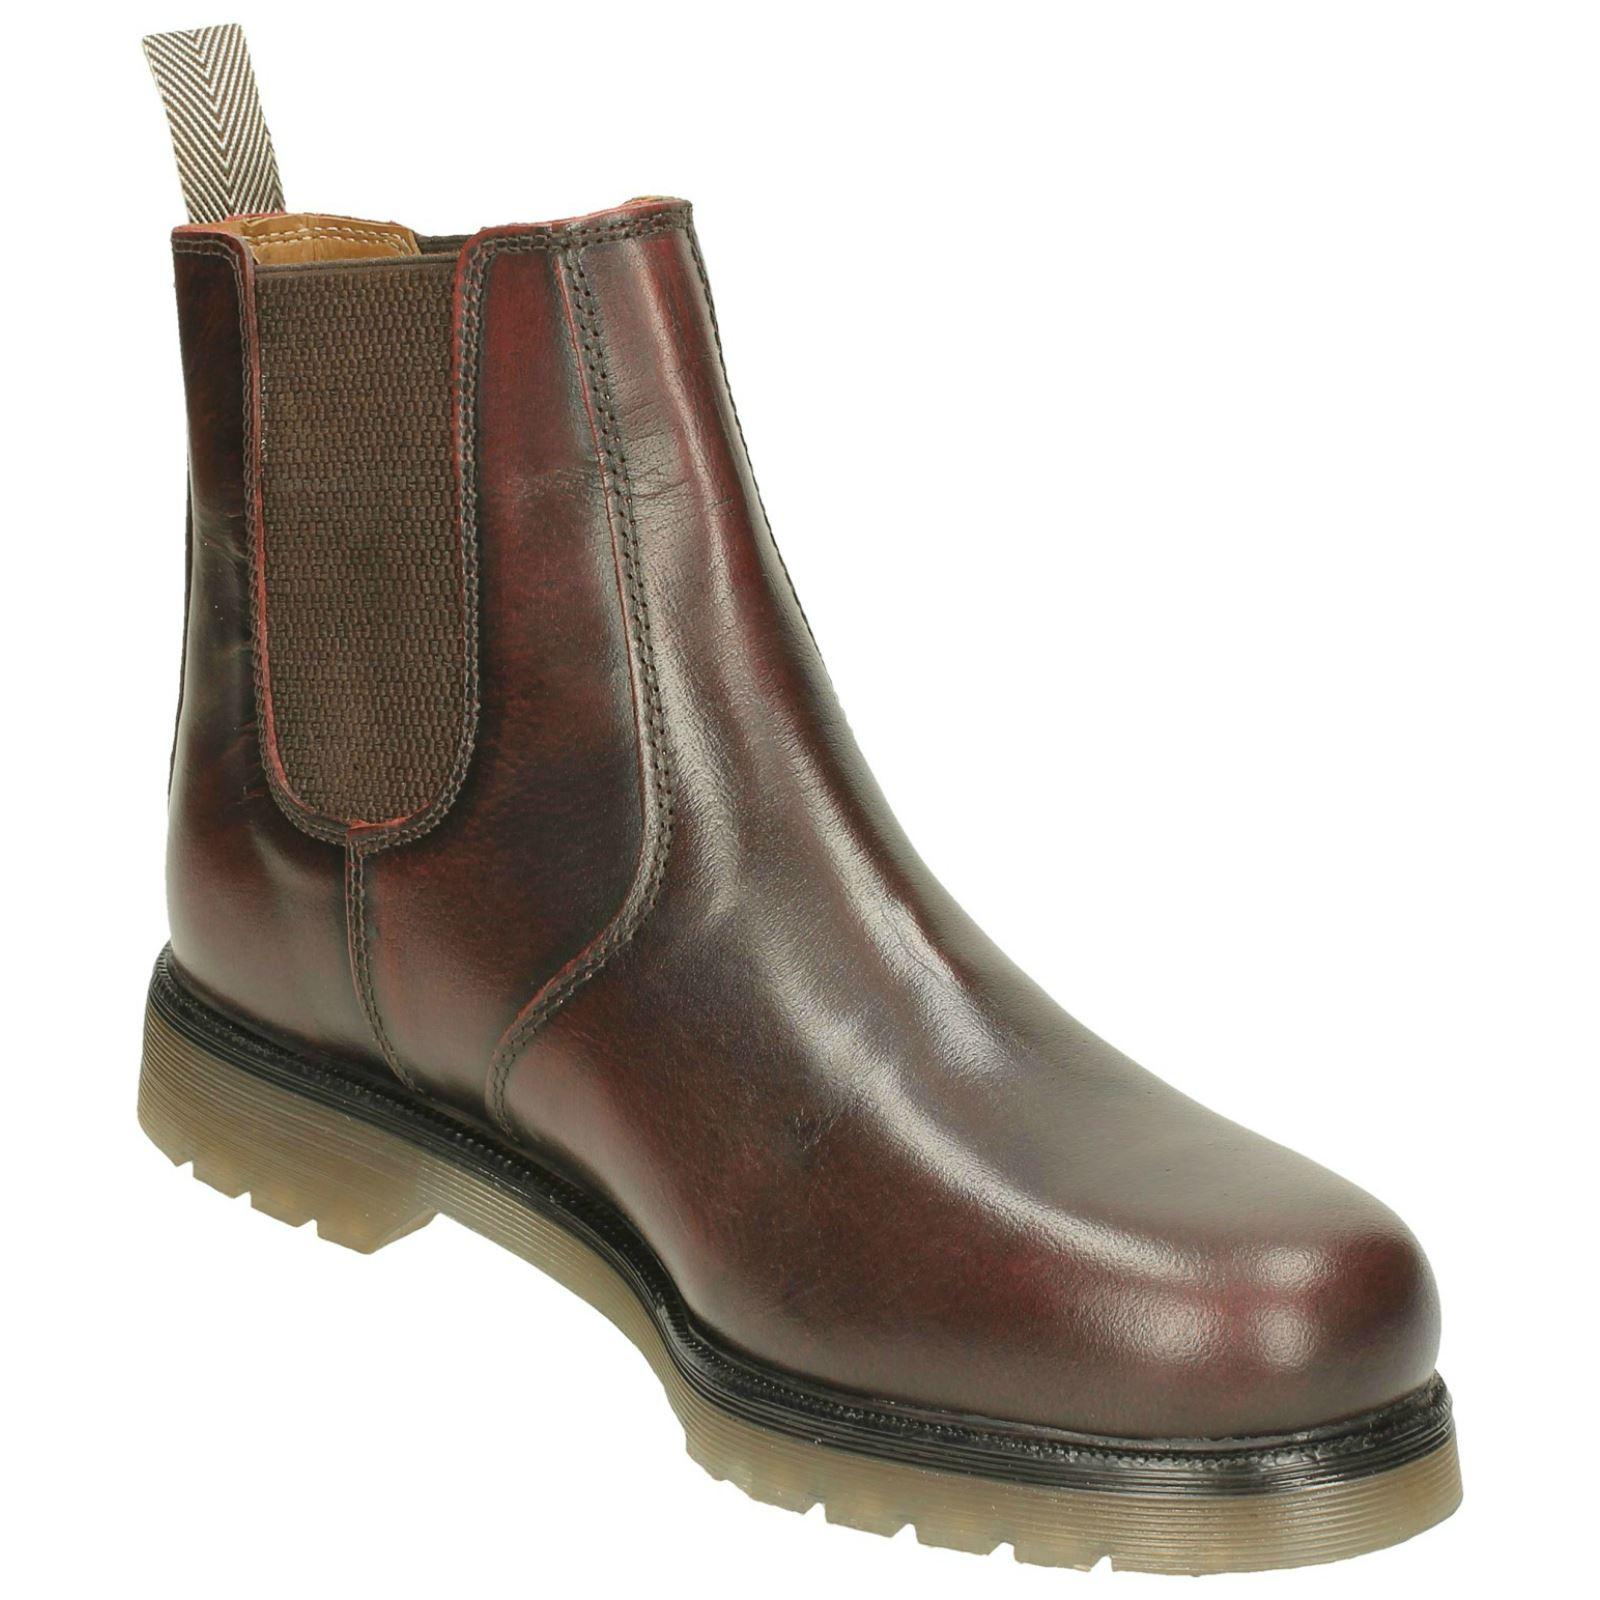 Catesby Hombre Smart Pull On Dealer botas - 01700 01700 01700 8276af